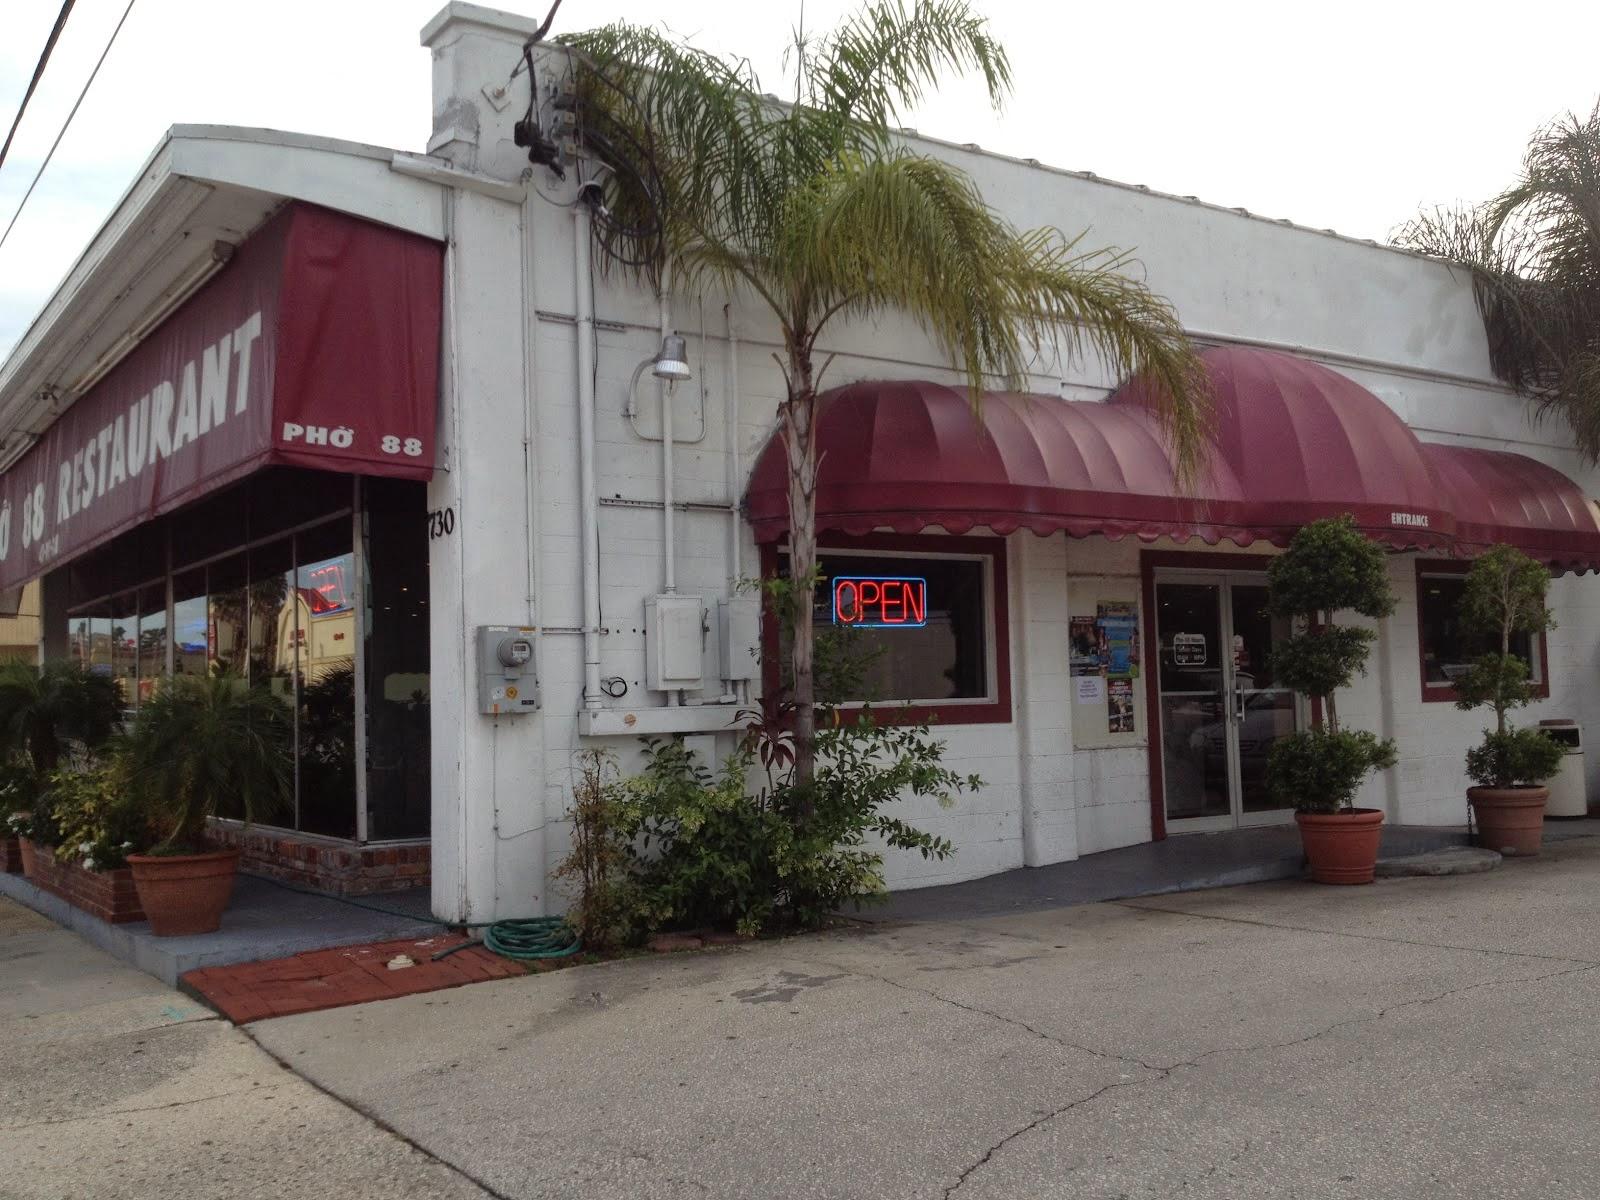 Restaurante vietnamita Pho 88 Vietnamese em Orlando